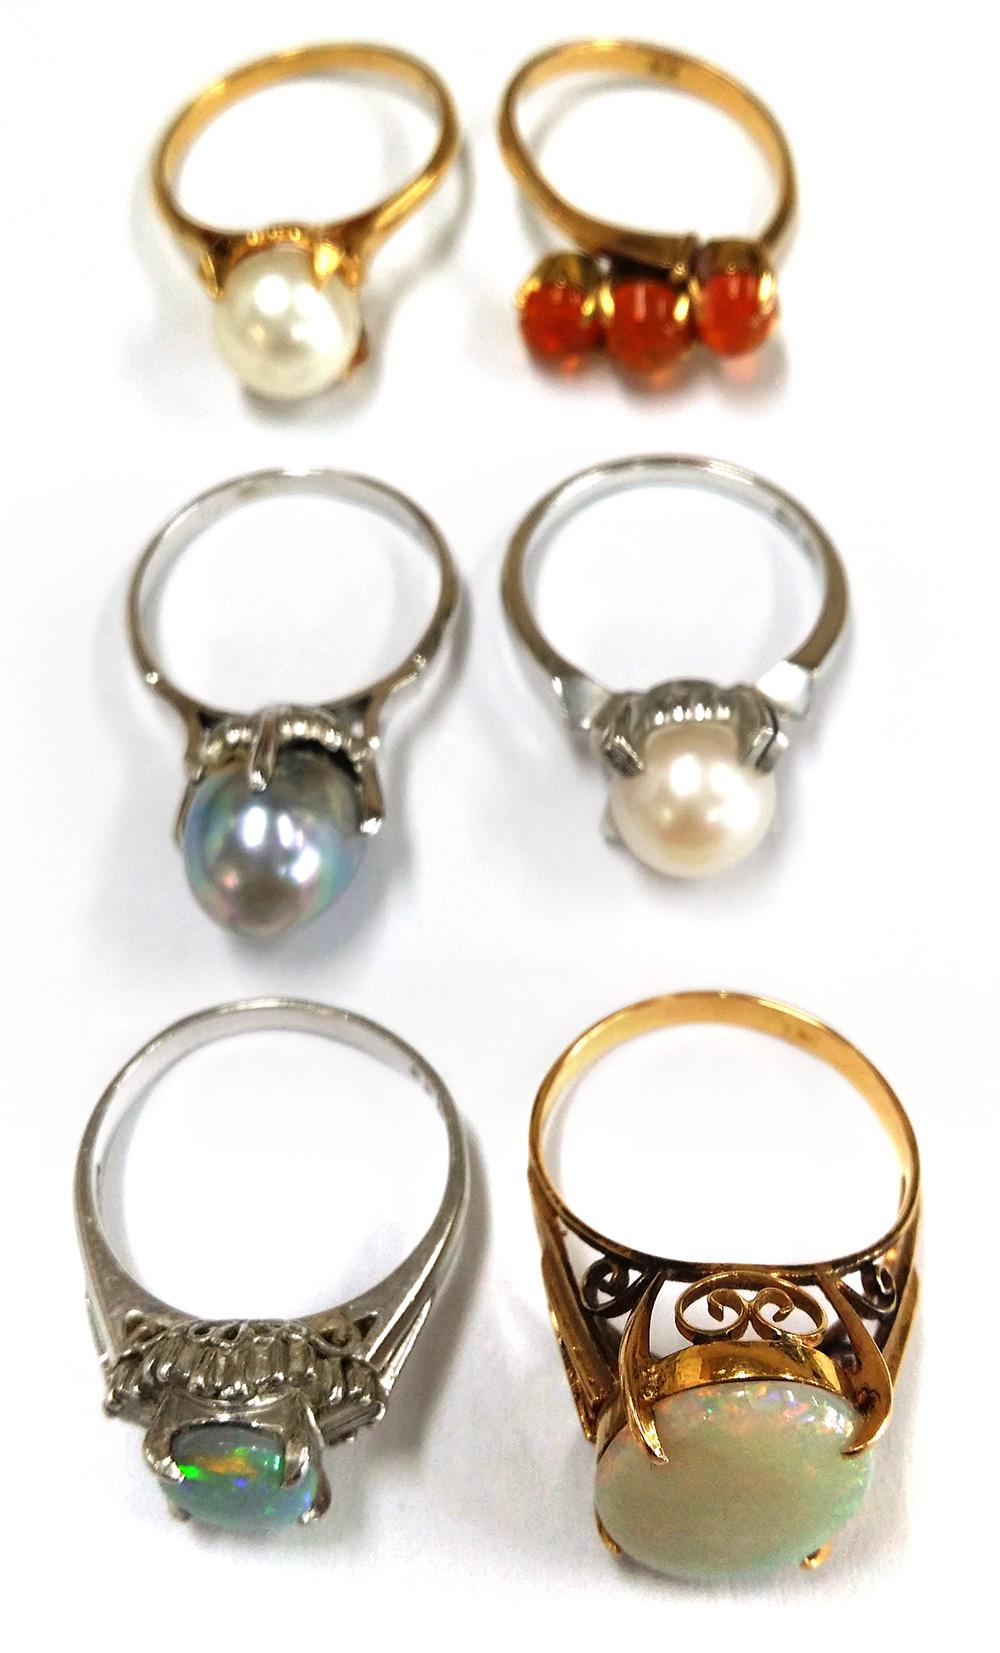 真珠 買取,オパール 指輪 買取 ラッキーゴールド イトーヨーカドー甲府昭和店